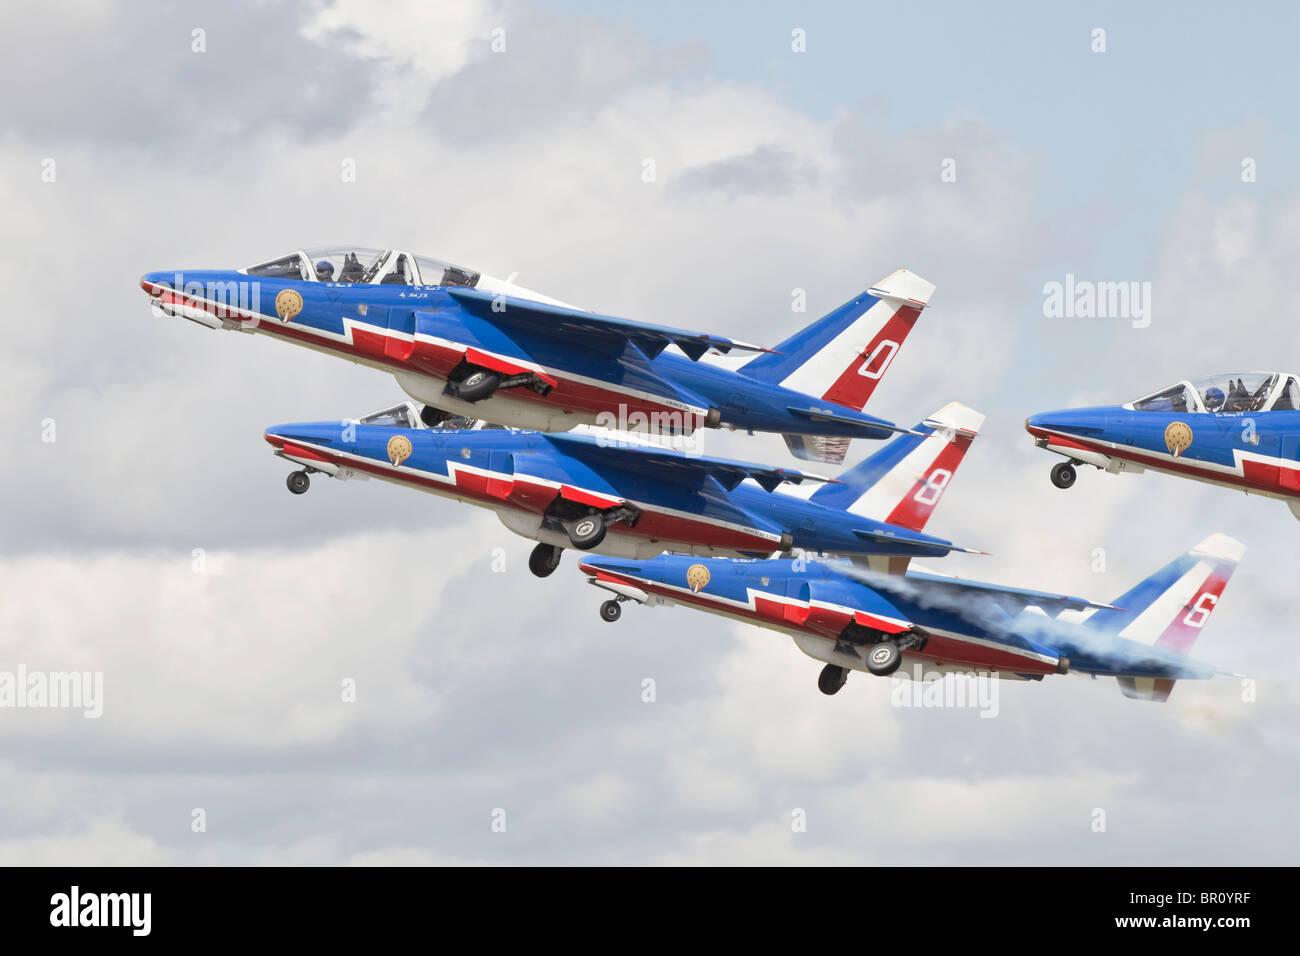 Dassault - Breguet / Dornier Alpha Jets der französischen Luftstreitkräfte Patrouille de France immer Stockbild